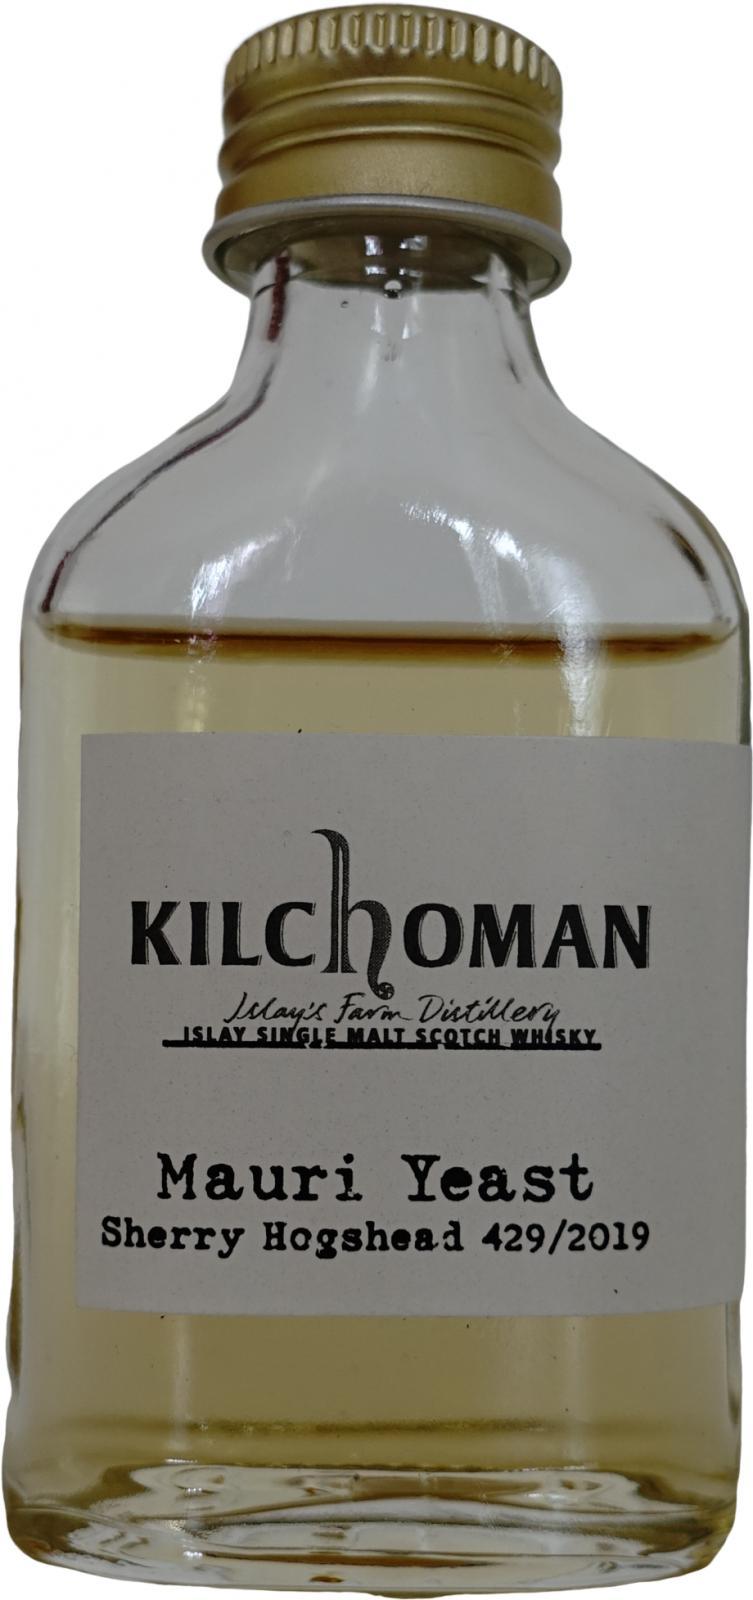 Kilchoman 2019 - Mauri Yeast